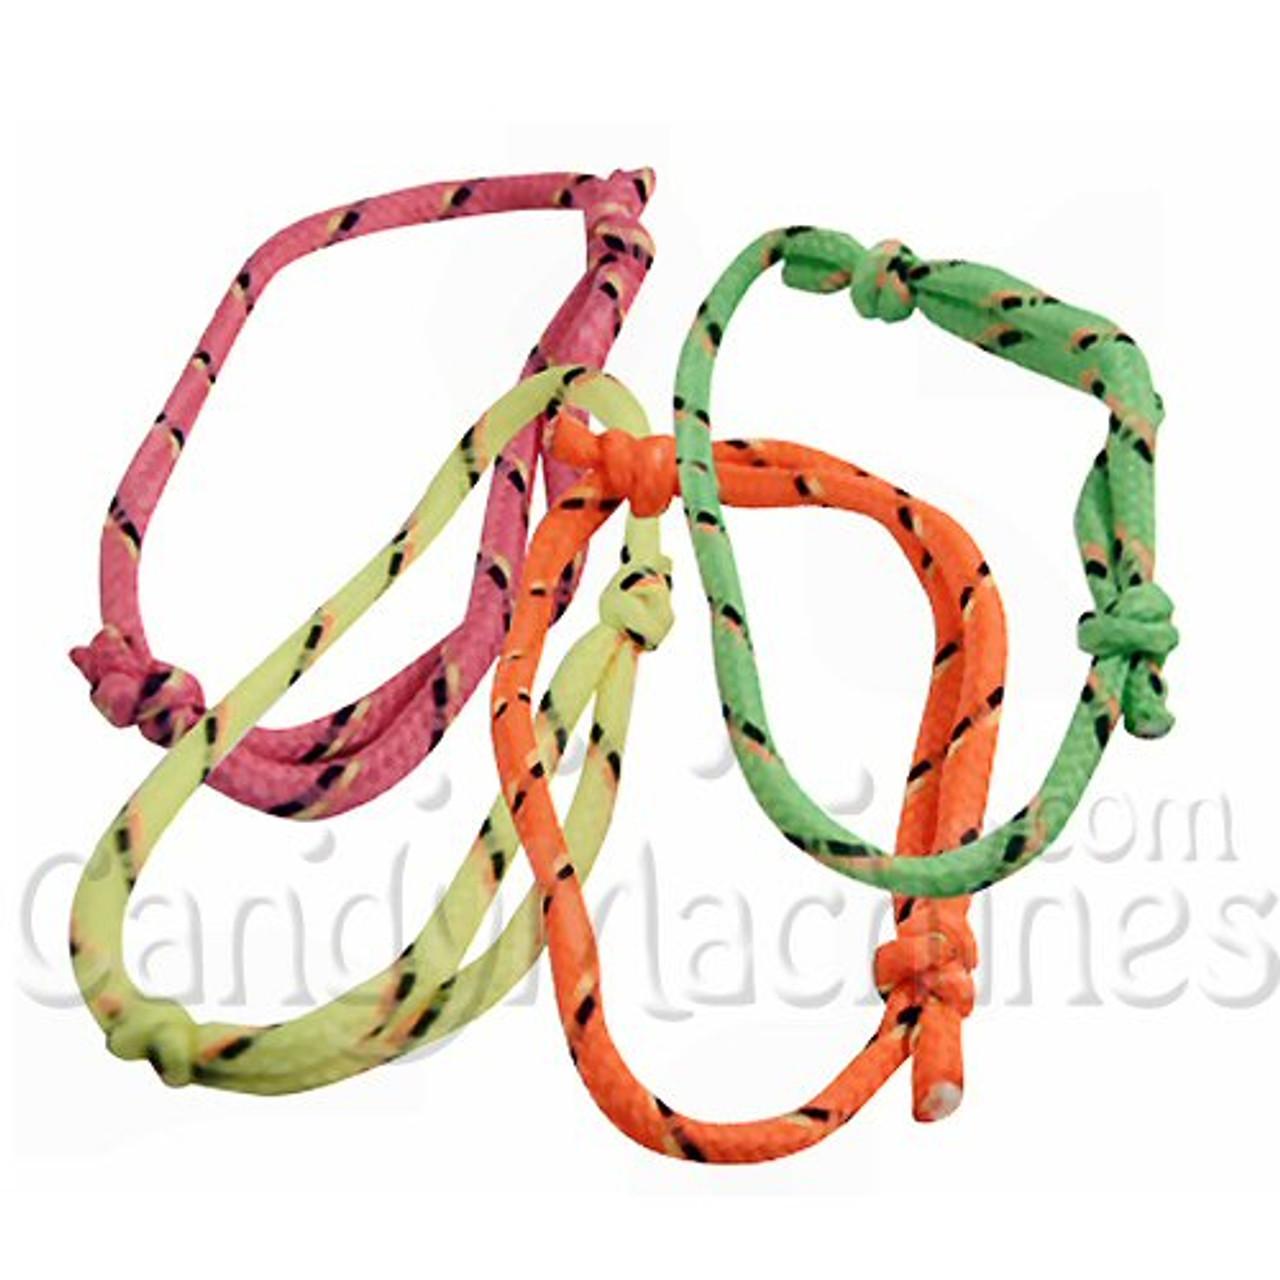 Bluk Friendship Bracelets